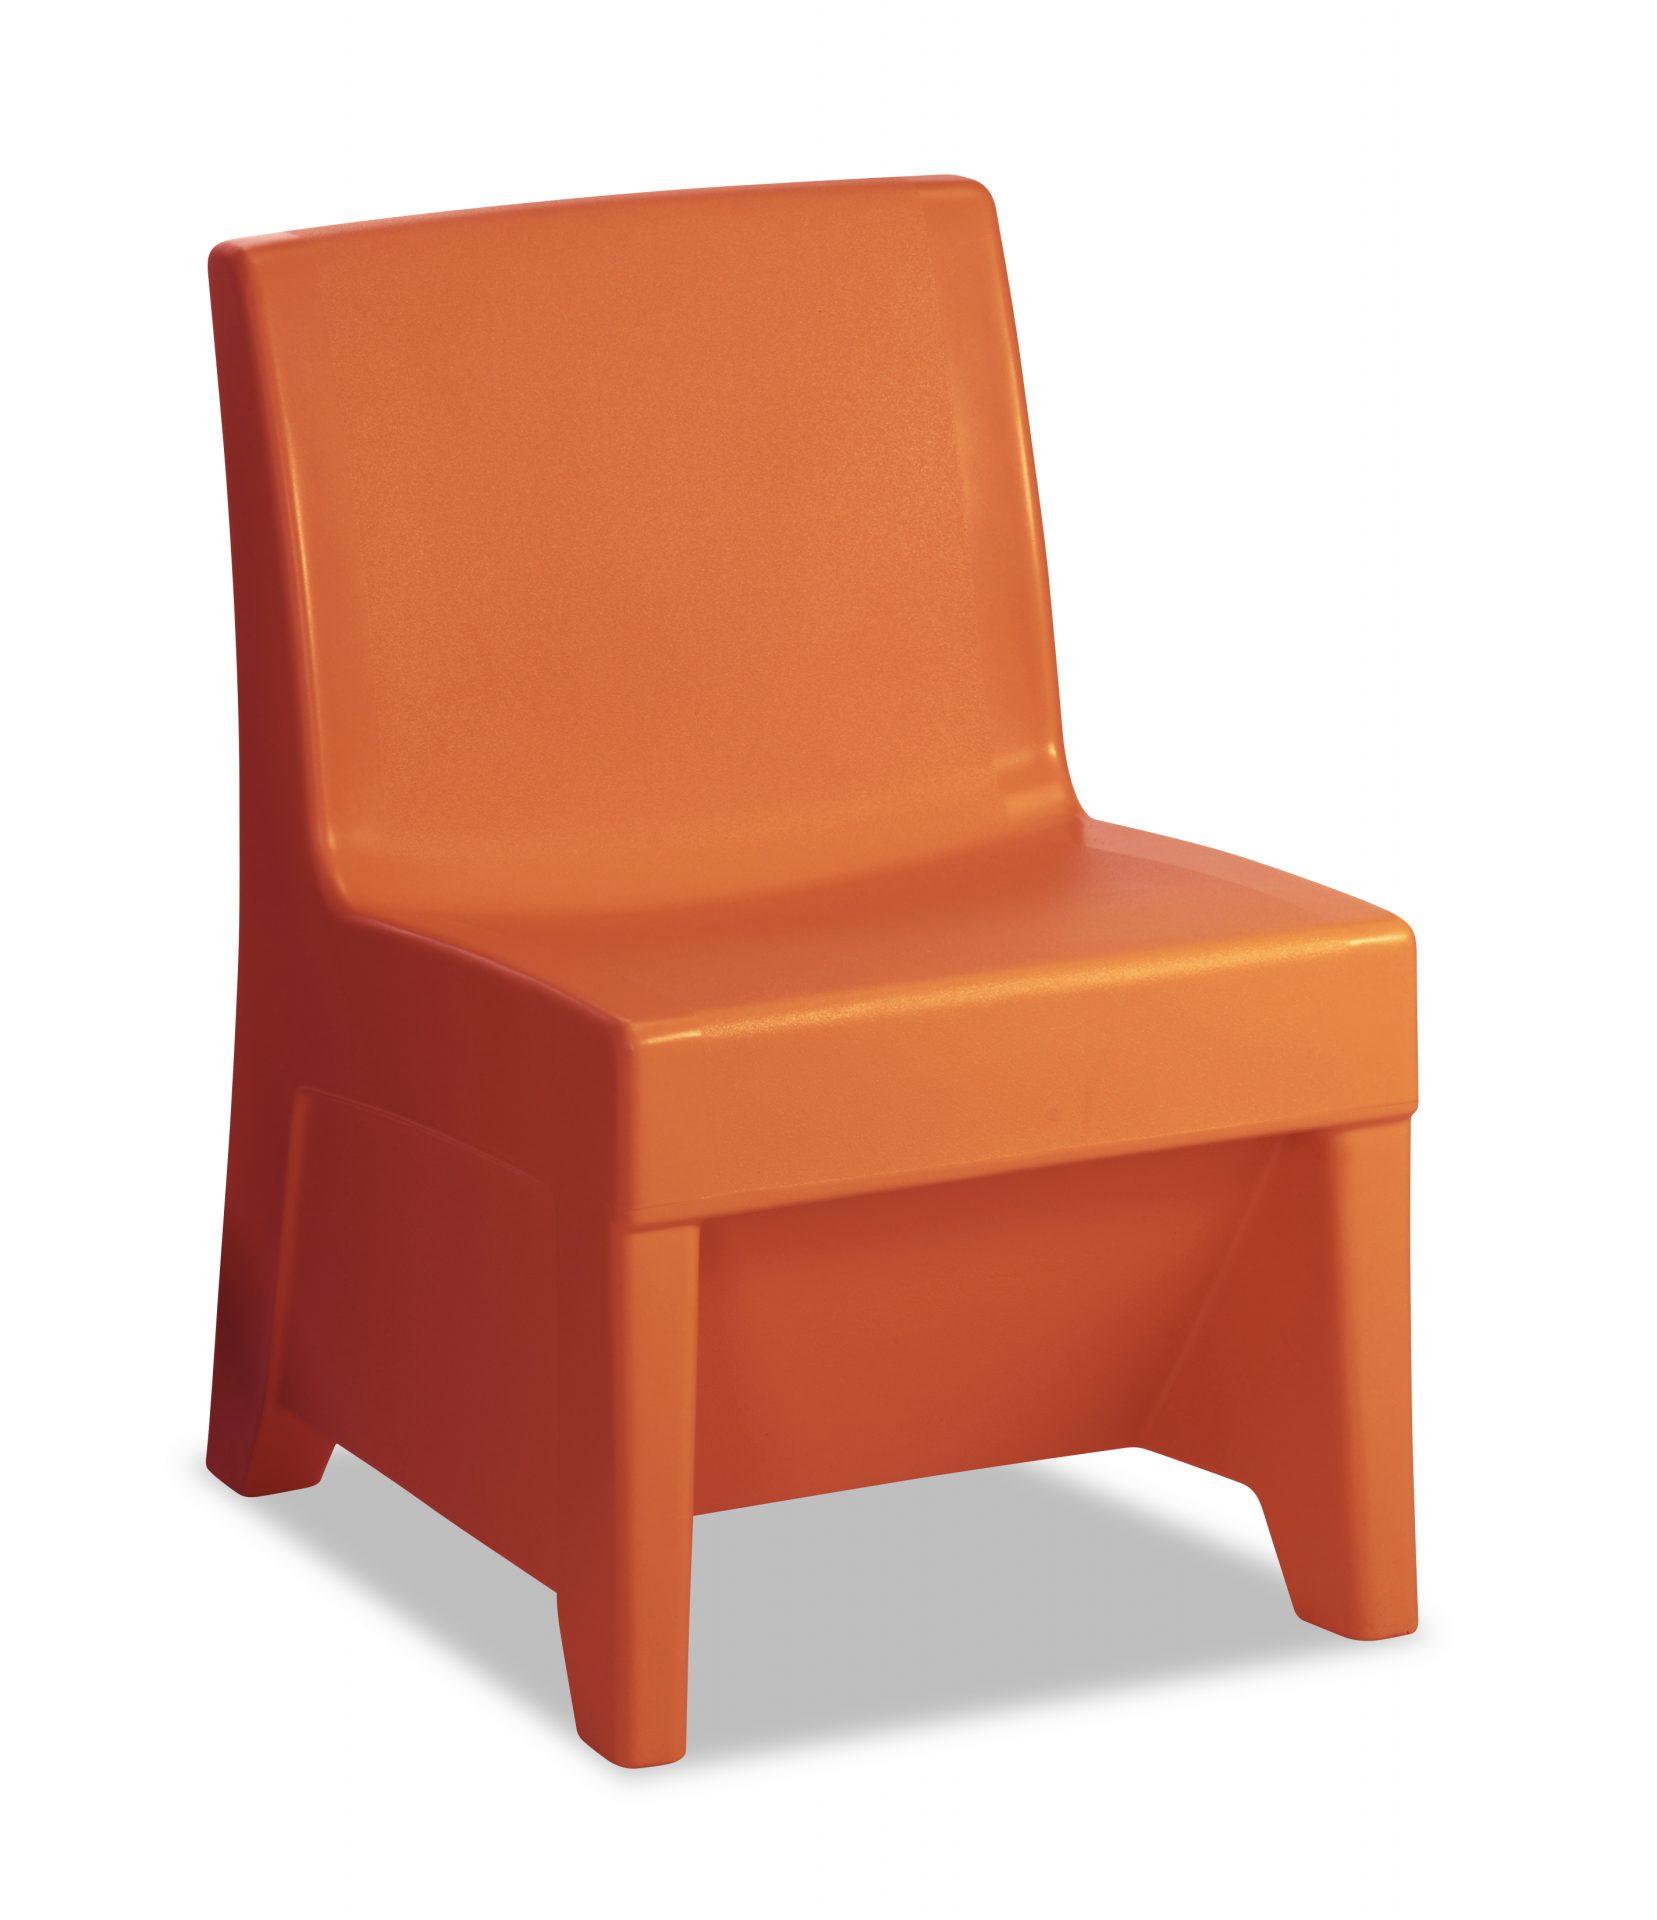 canyon color ligature resistant chair